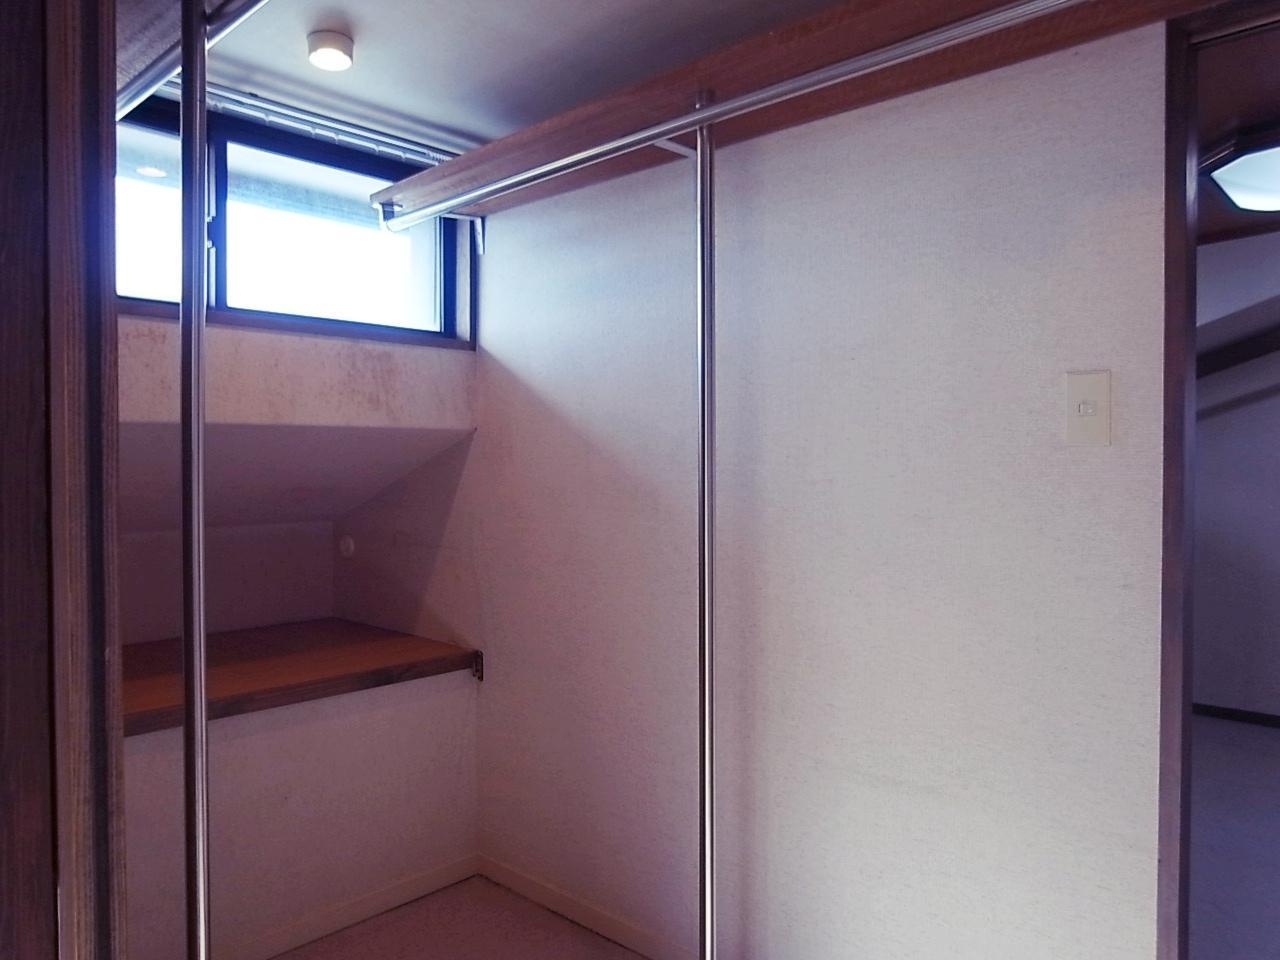 上階2部屋の間にあるクローゼット。